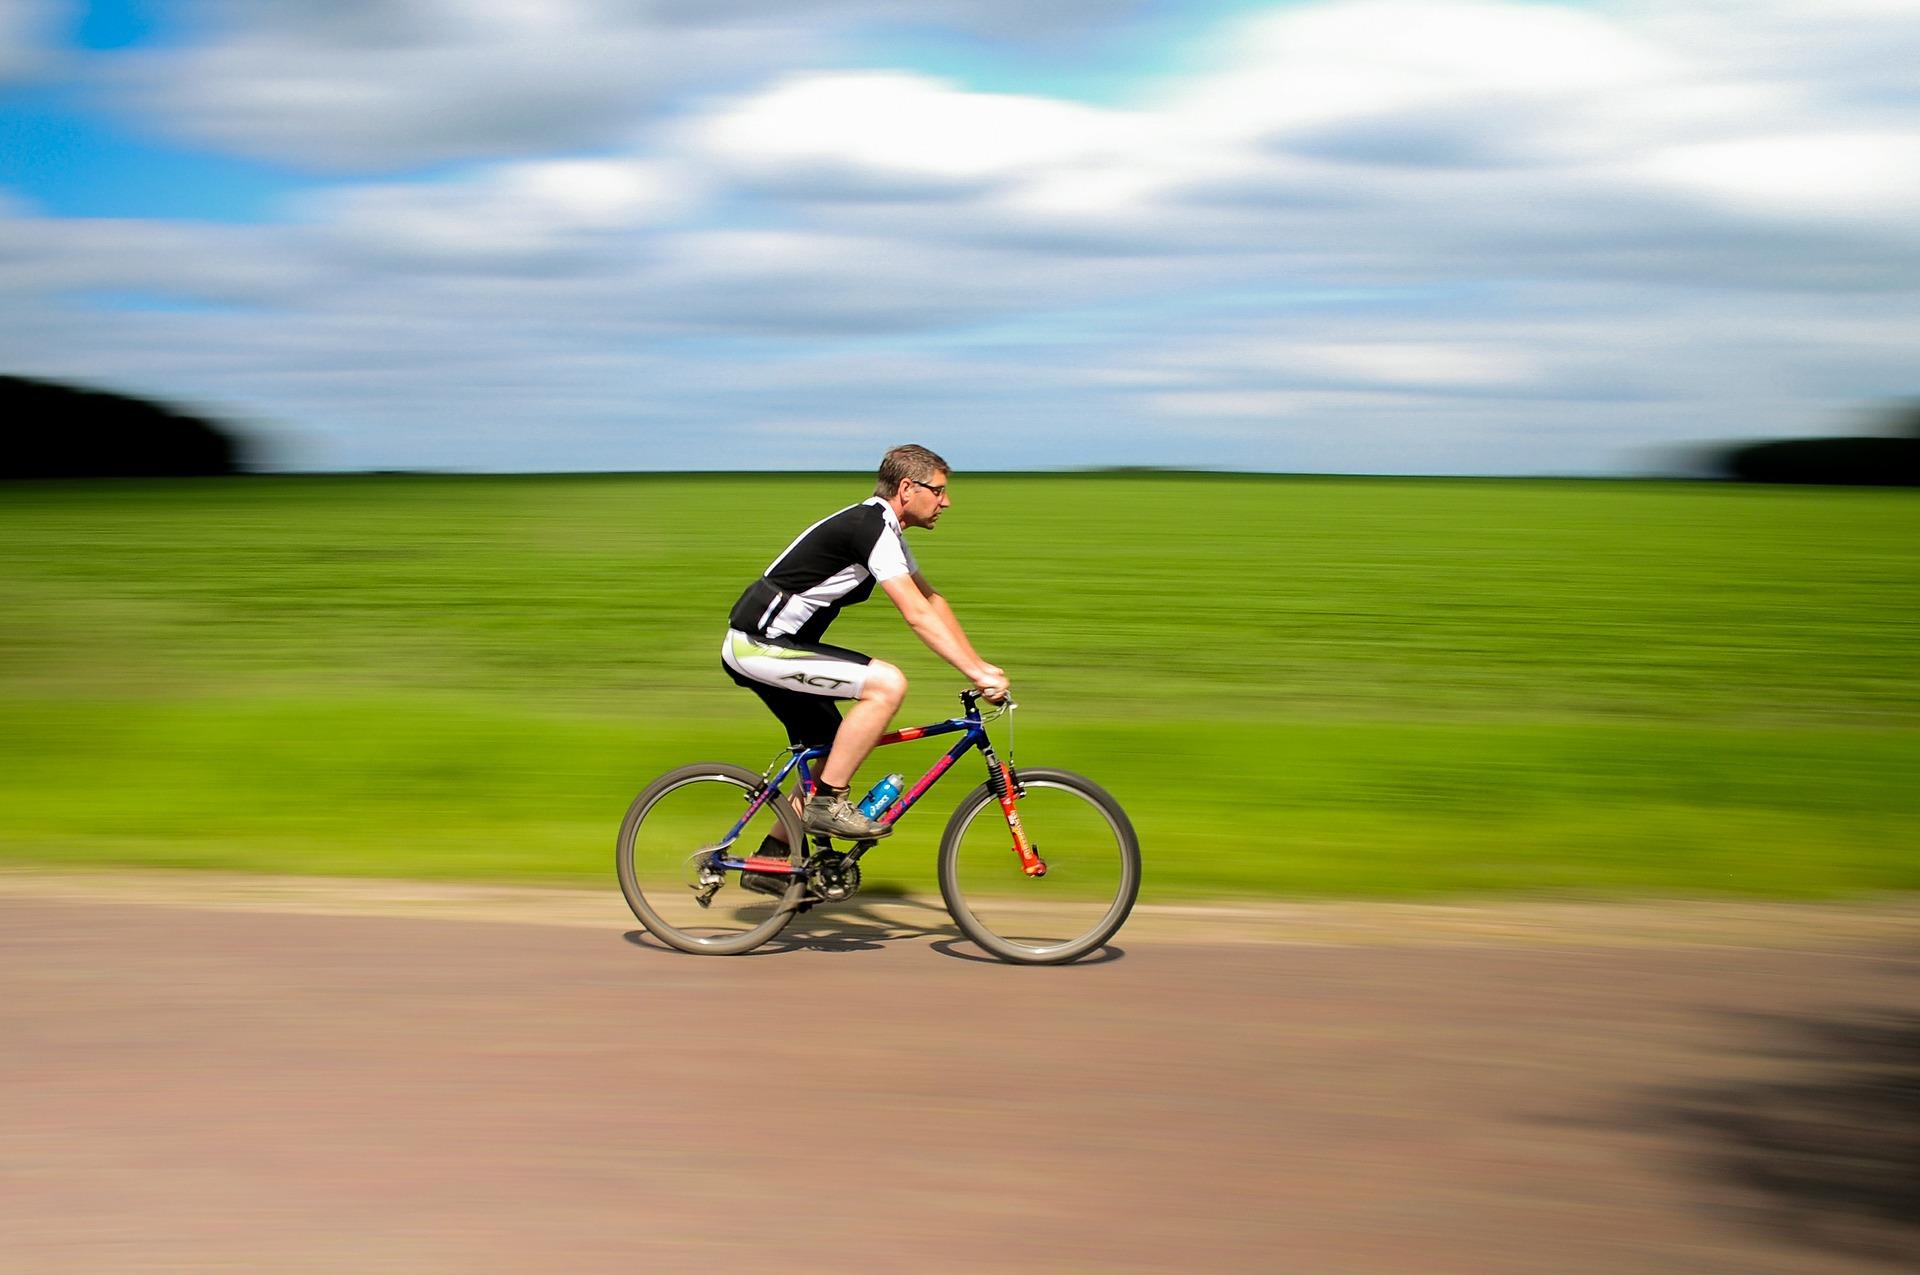 man biking.jpg